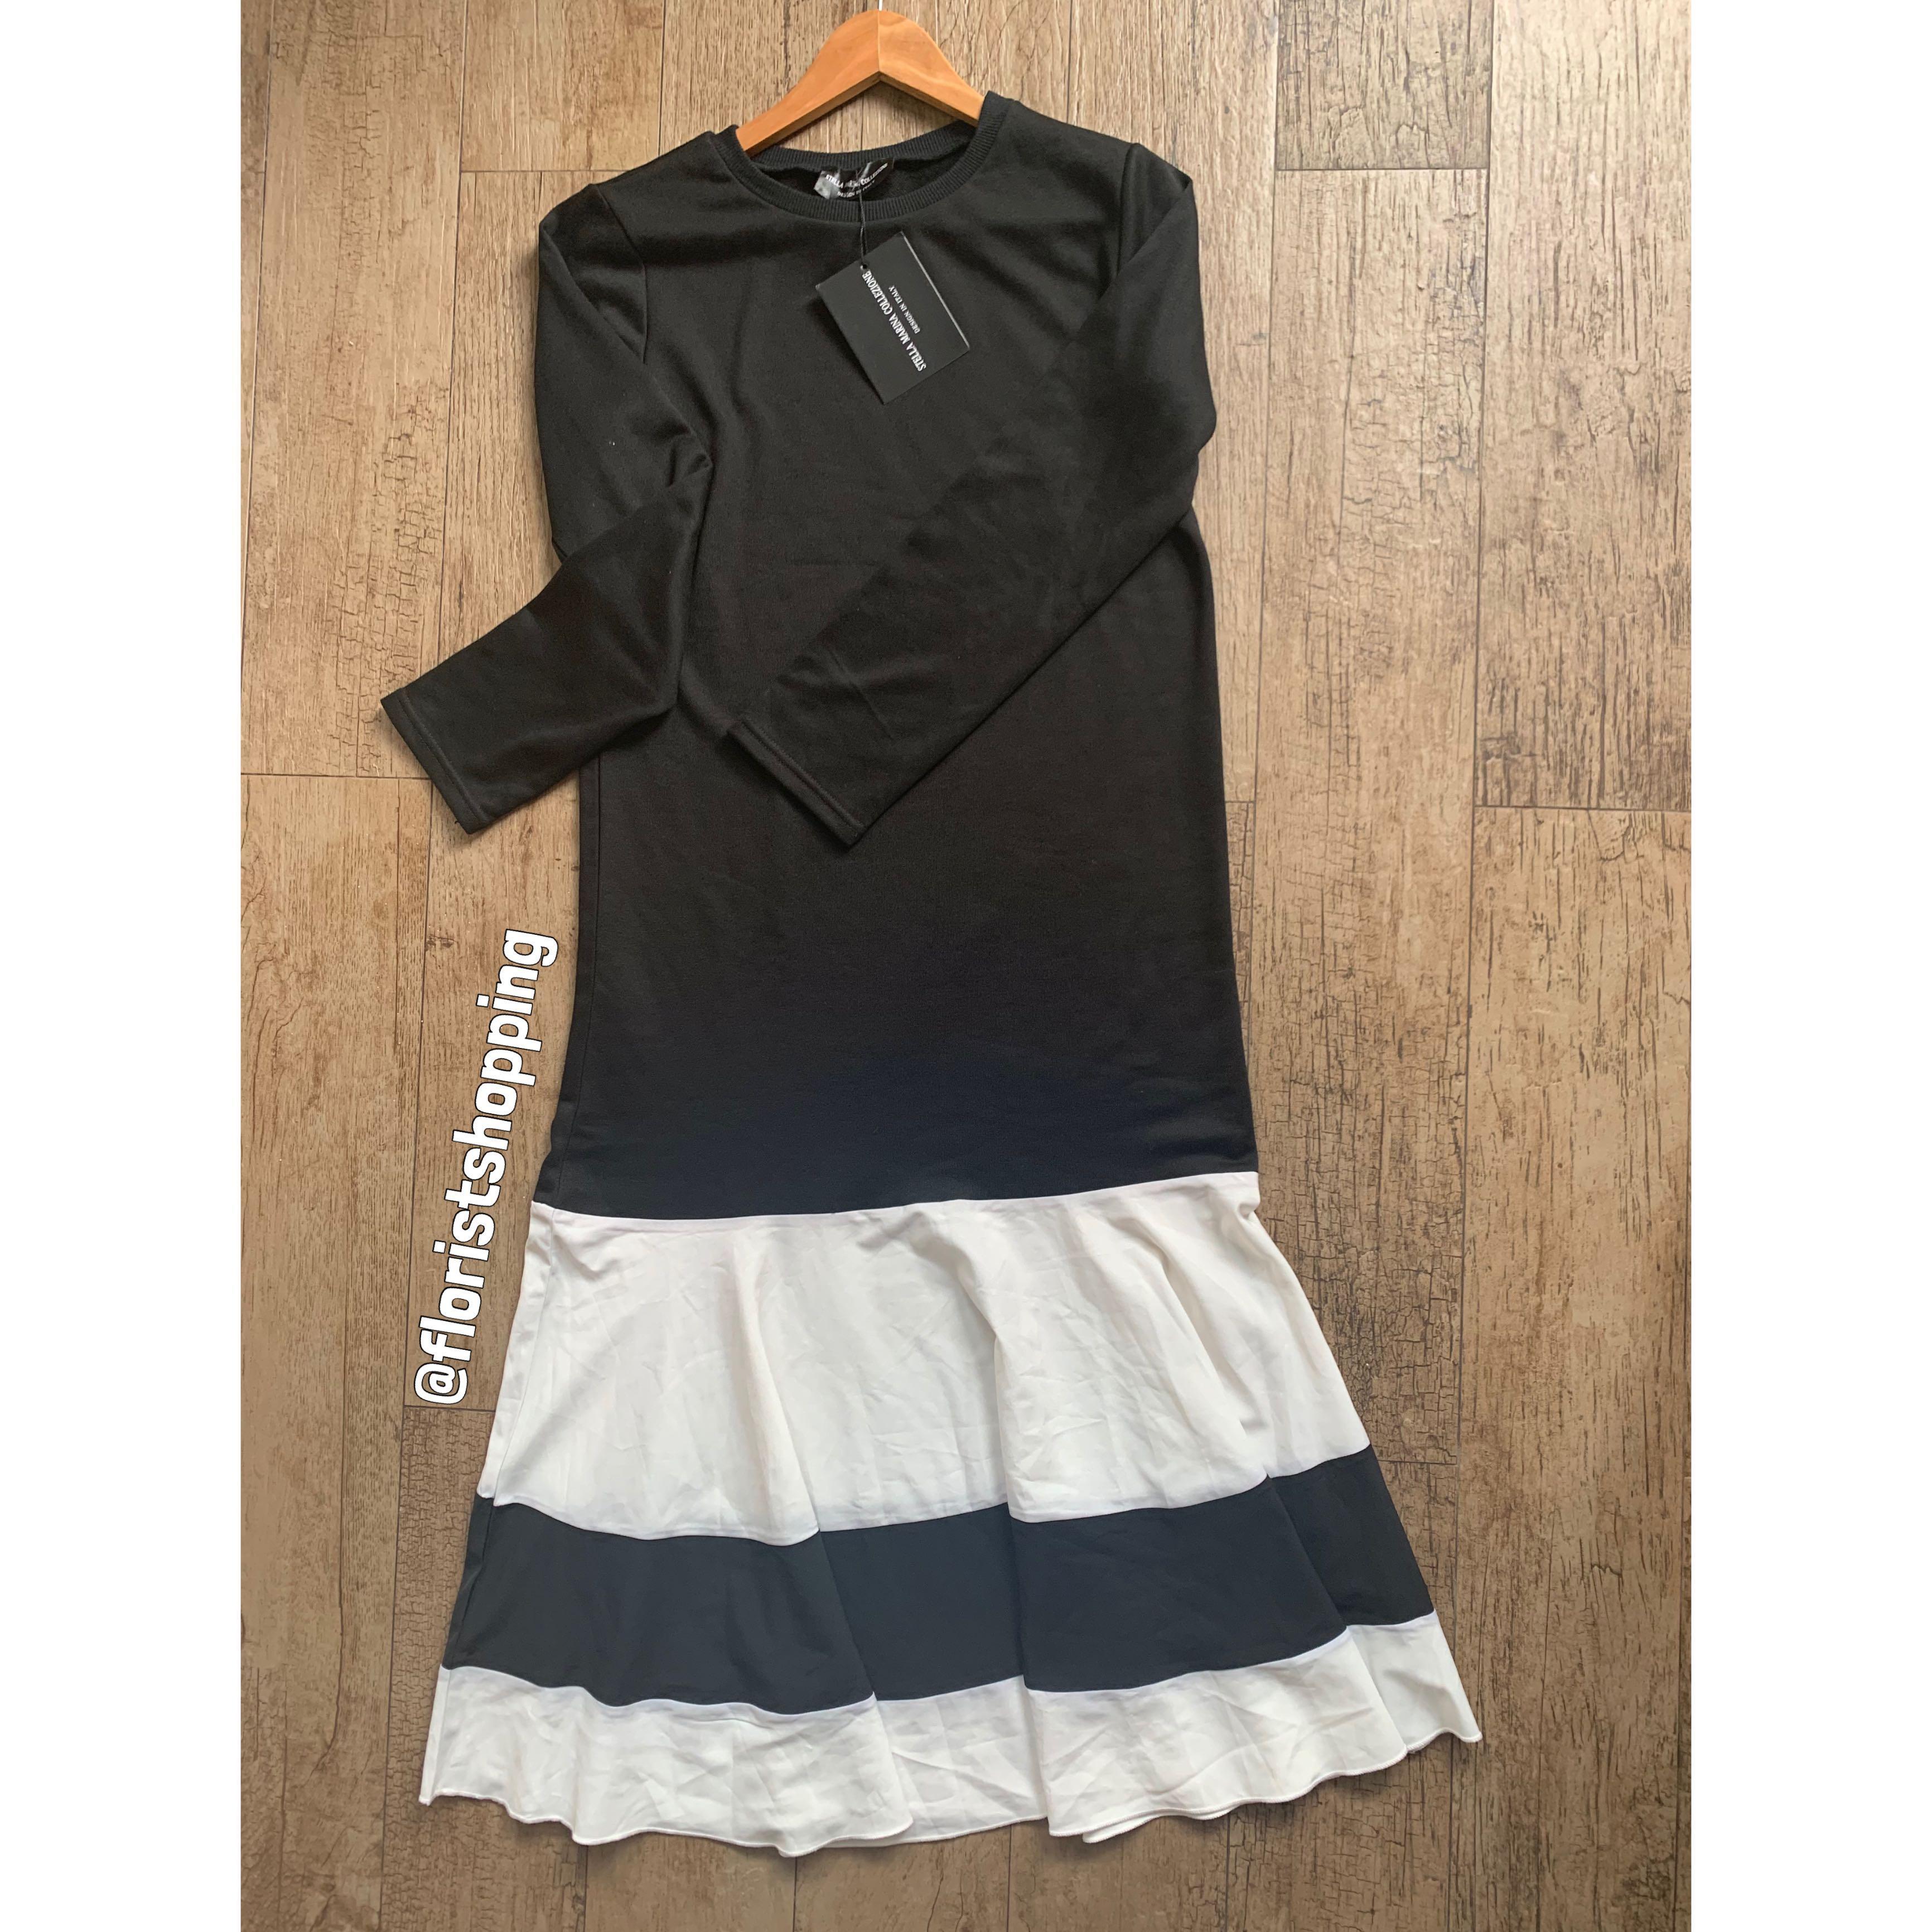 Dress Midi Hitam Putih